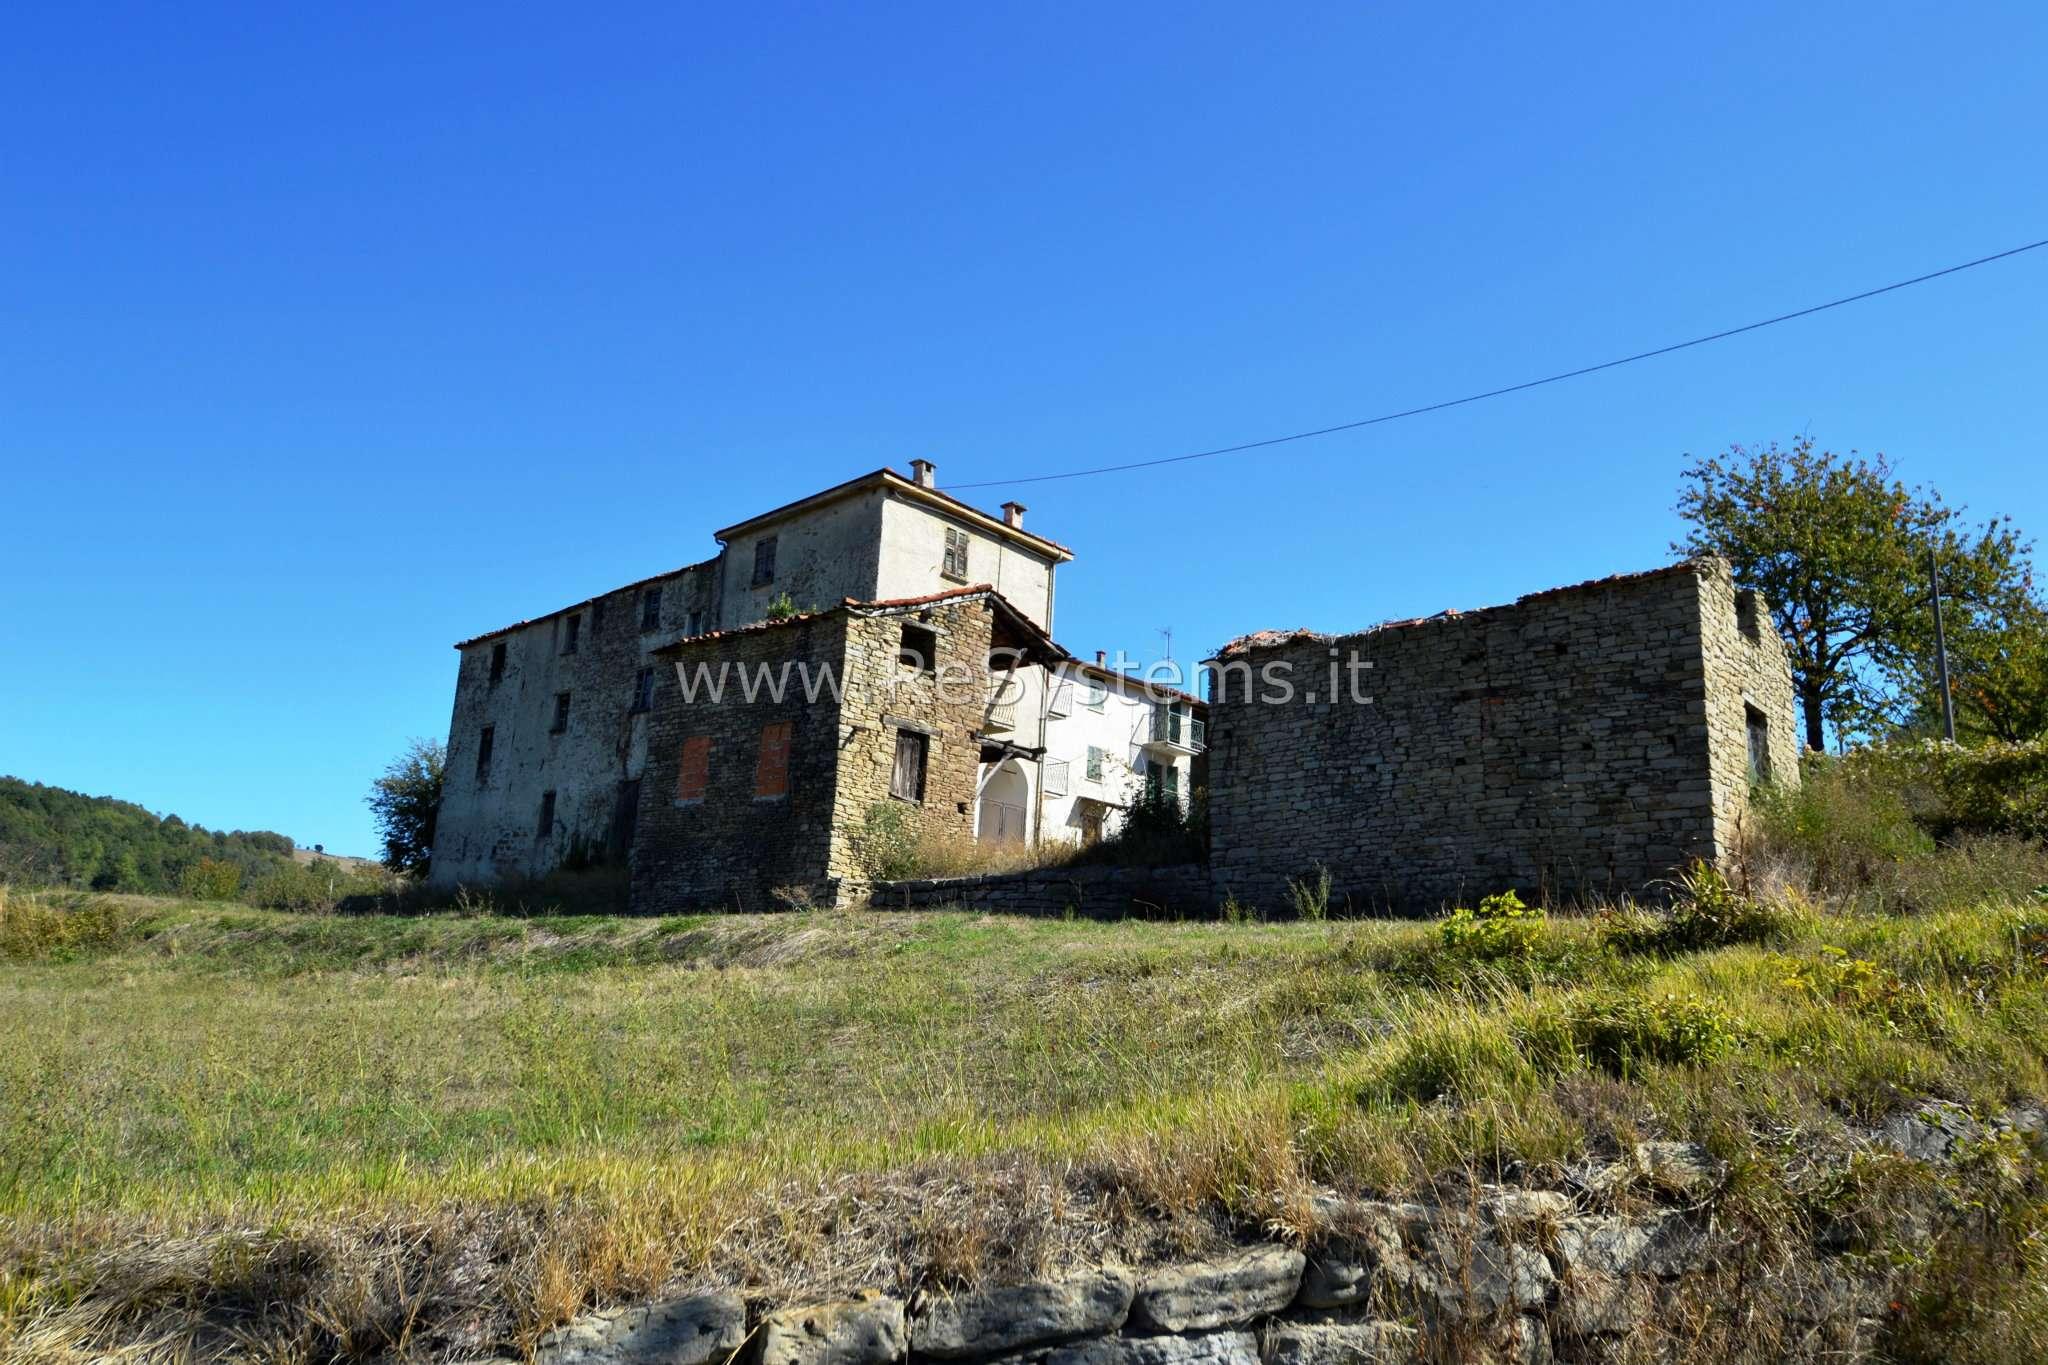 Soluzione Indipendente in vendita a Saliceto, 4 locali, prezzo € 69.000 | CambioCasa.it